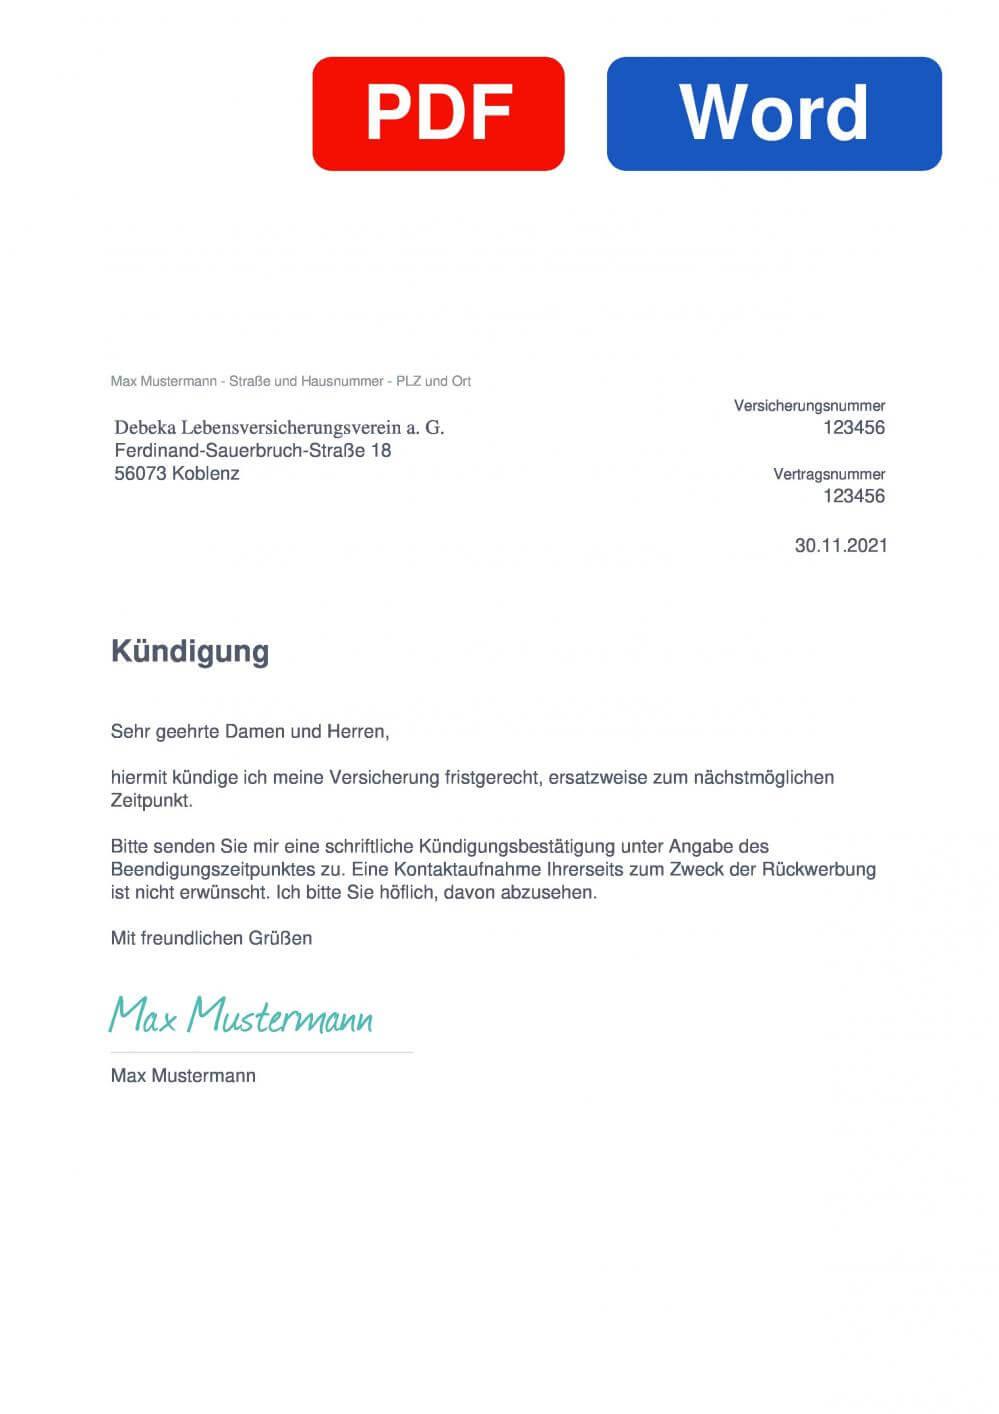 Debeka Riesterrente Muster Vorlage für Kündigungsschreiben